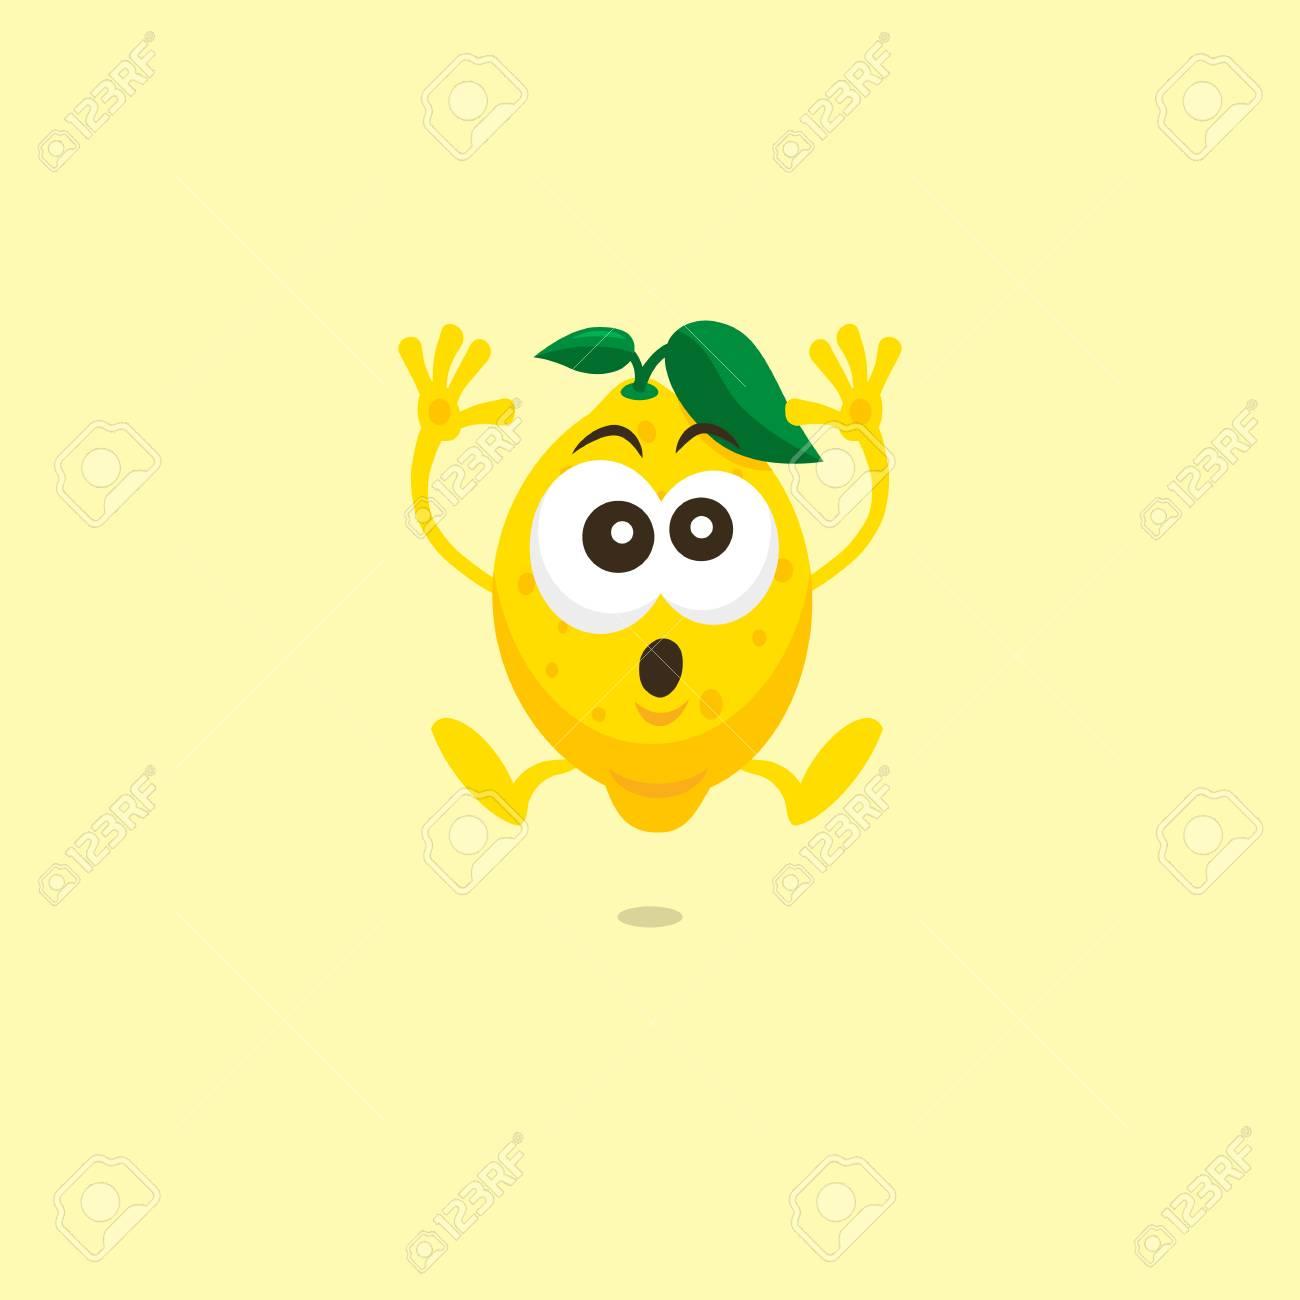 かわいいレモンのイラストでは明るい黄色の背景に分離されたマスコット